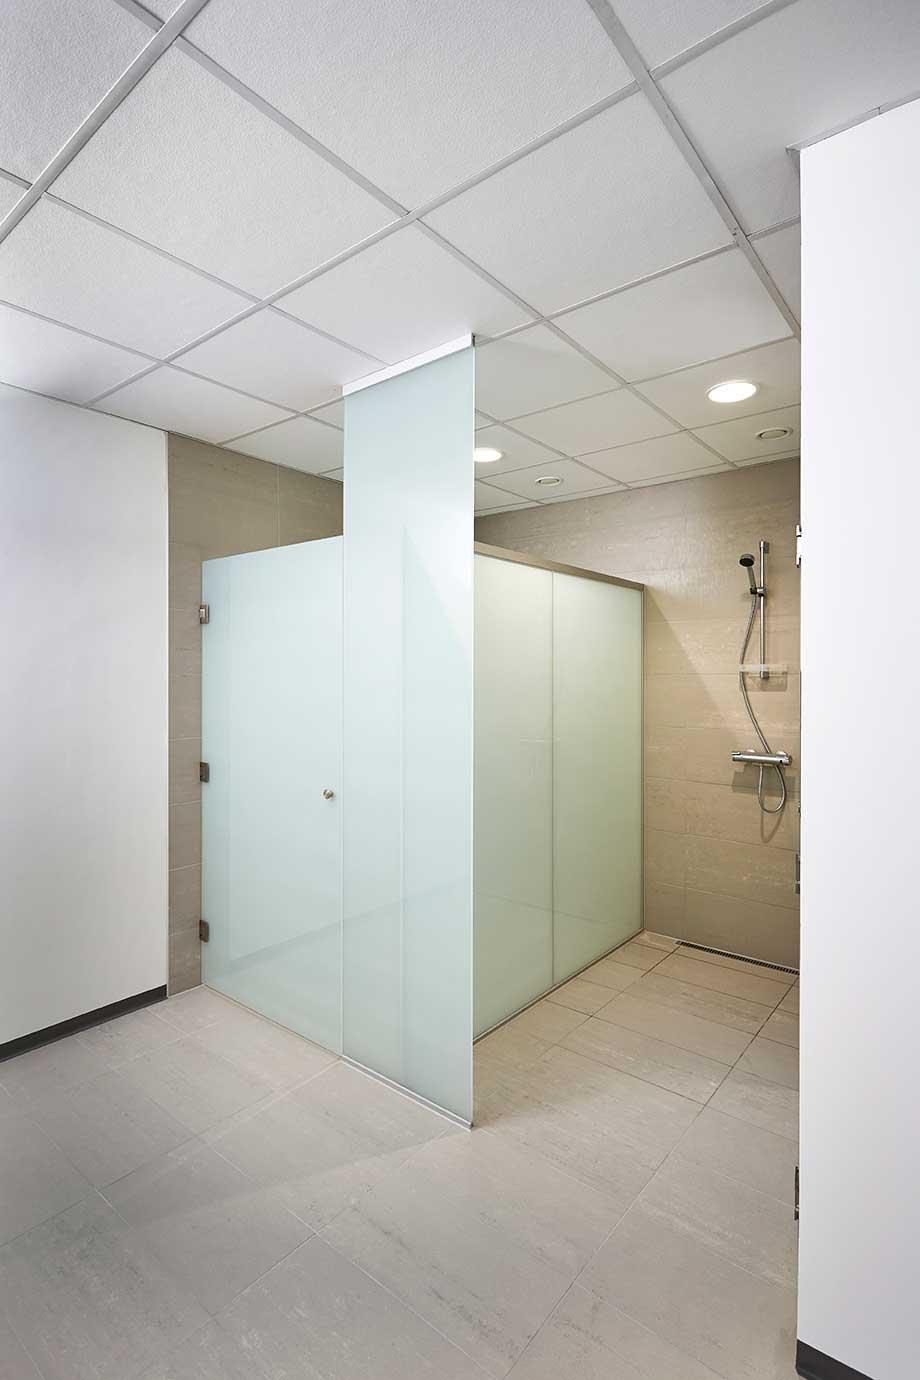 Downlights indbygget i loft på badeværelse i omklædningen - Luminex